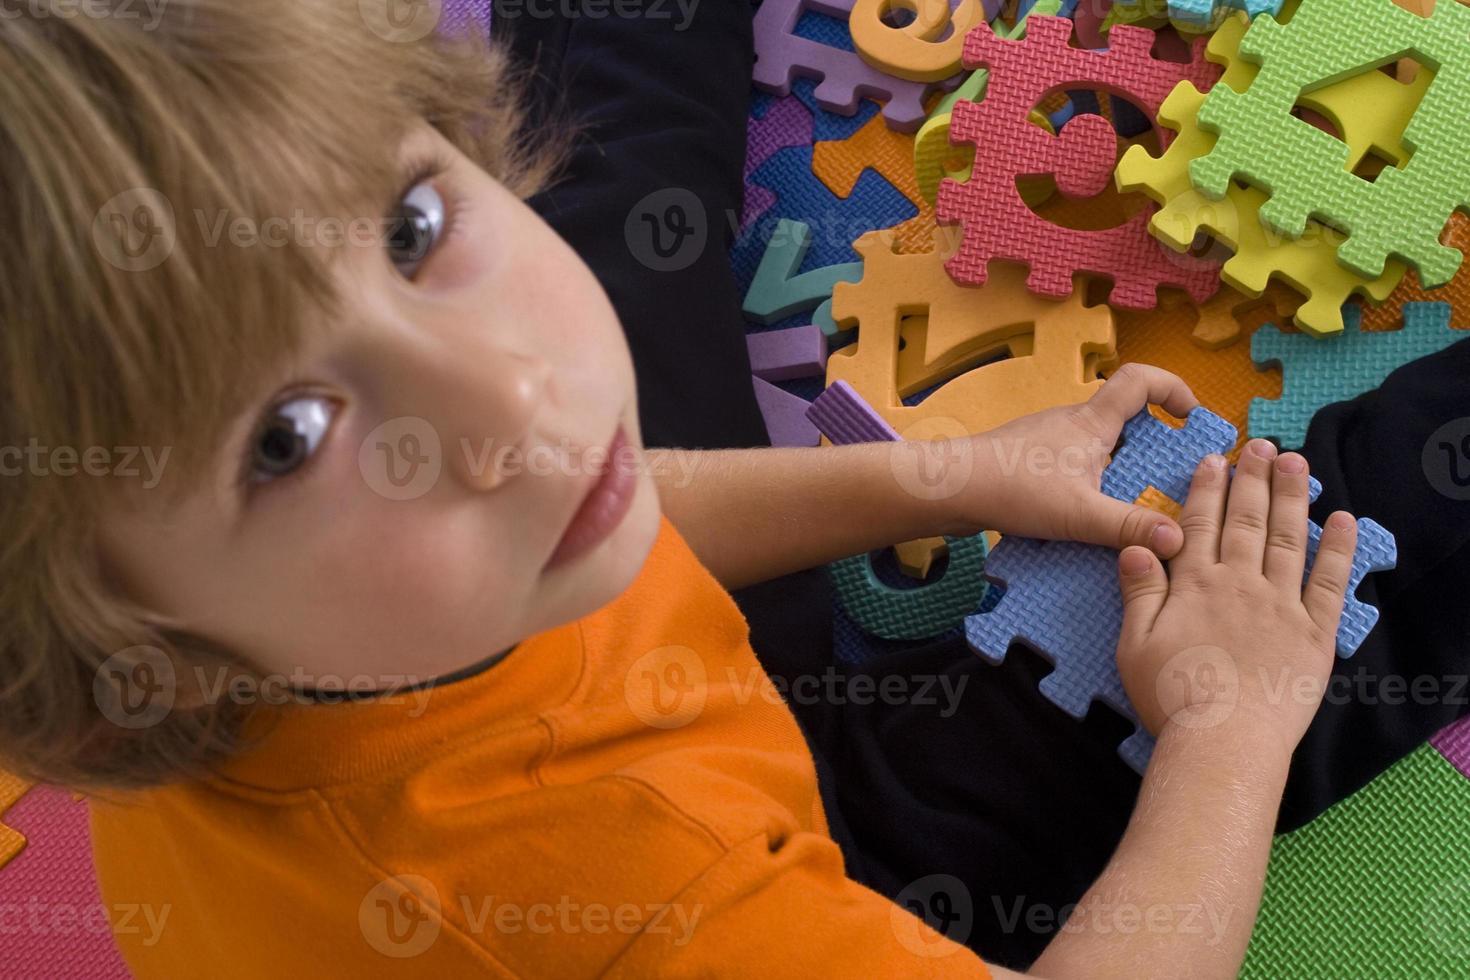 petit garçon joue avec des puzzles photo